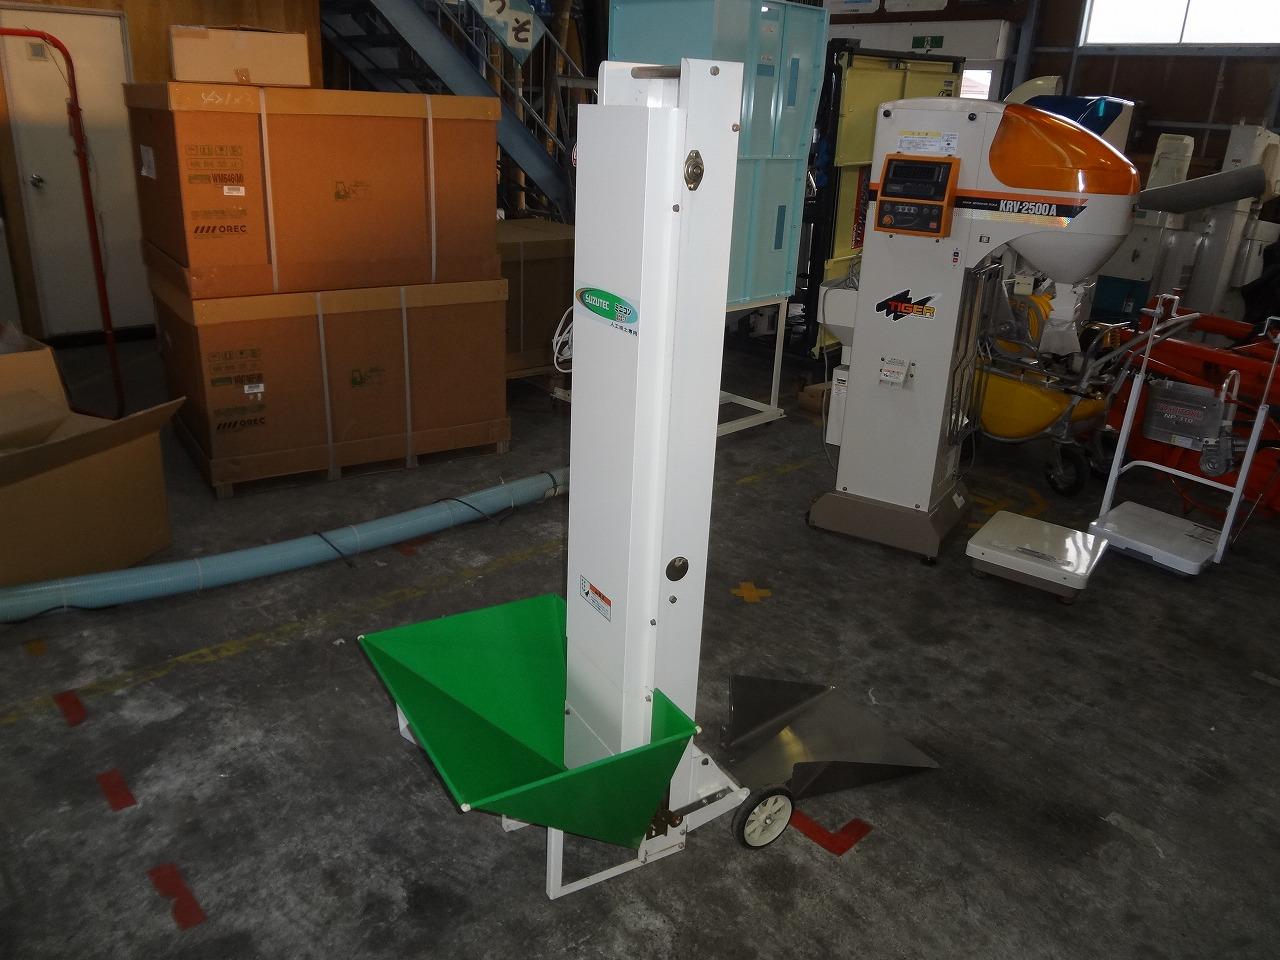 中古ミニコン(土供給機) SCS7 200箱毎時まで 人工培土用 自動ストップ付